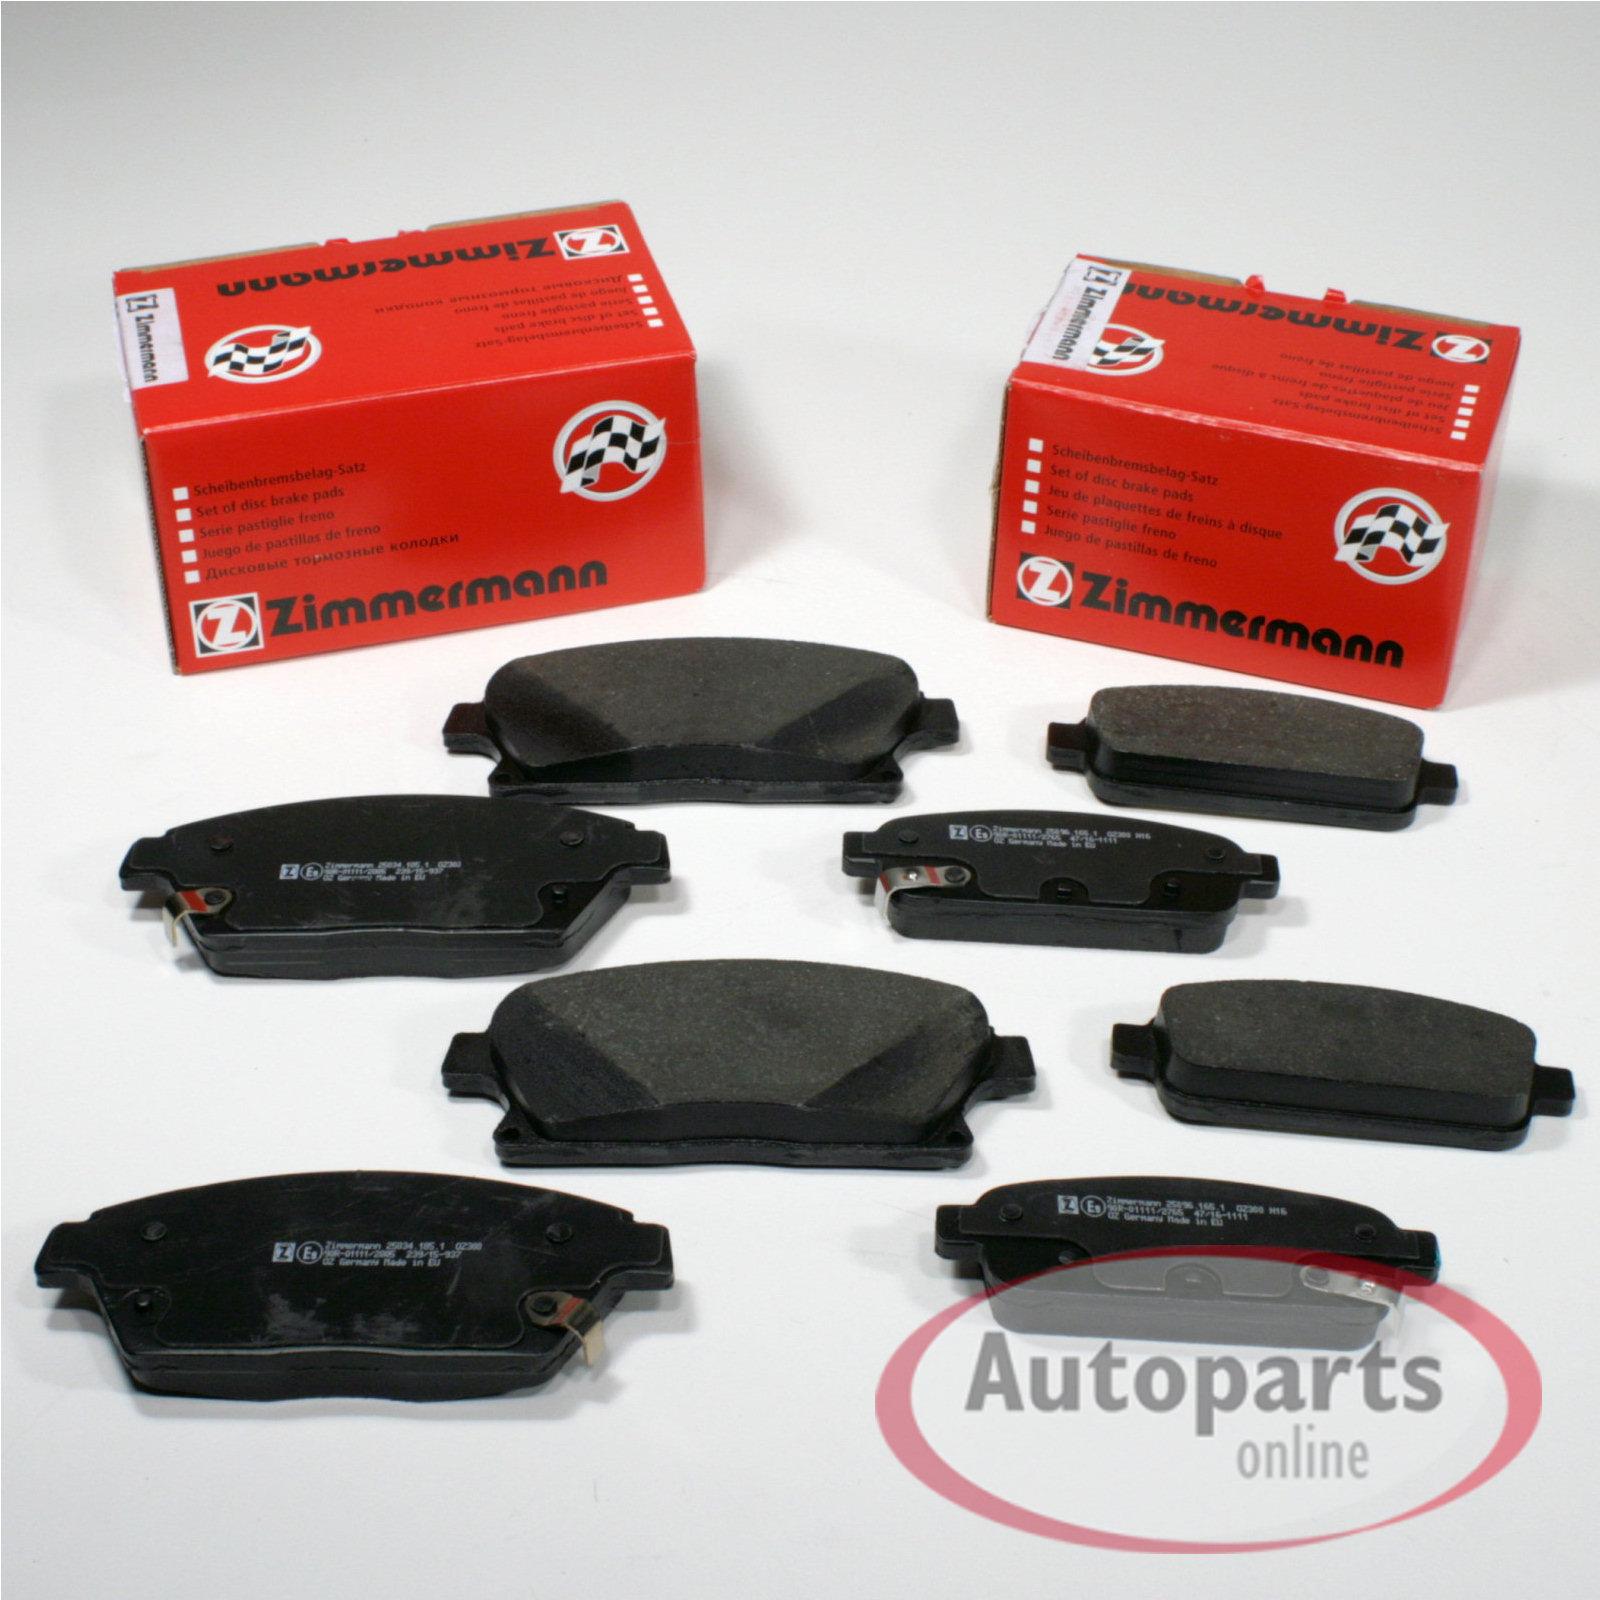 Bremsbeläge Bremsklötze für vorne die Vorderachse Opel Zafira Tourer C